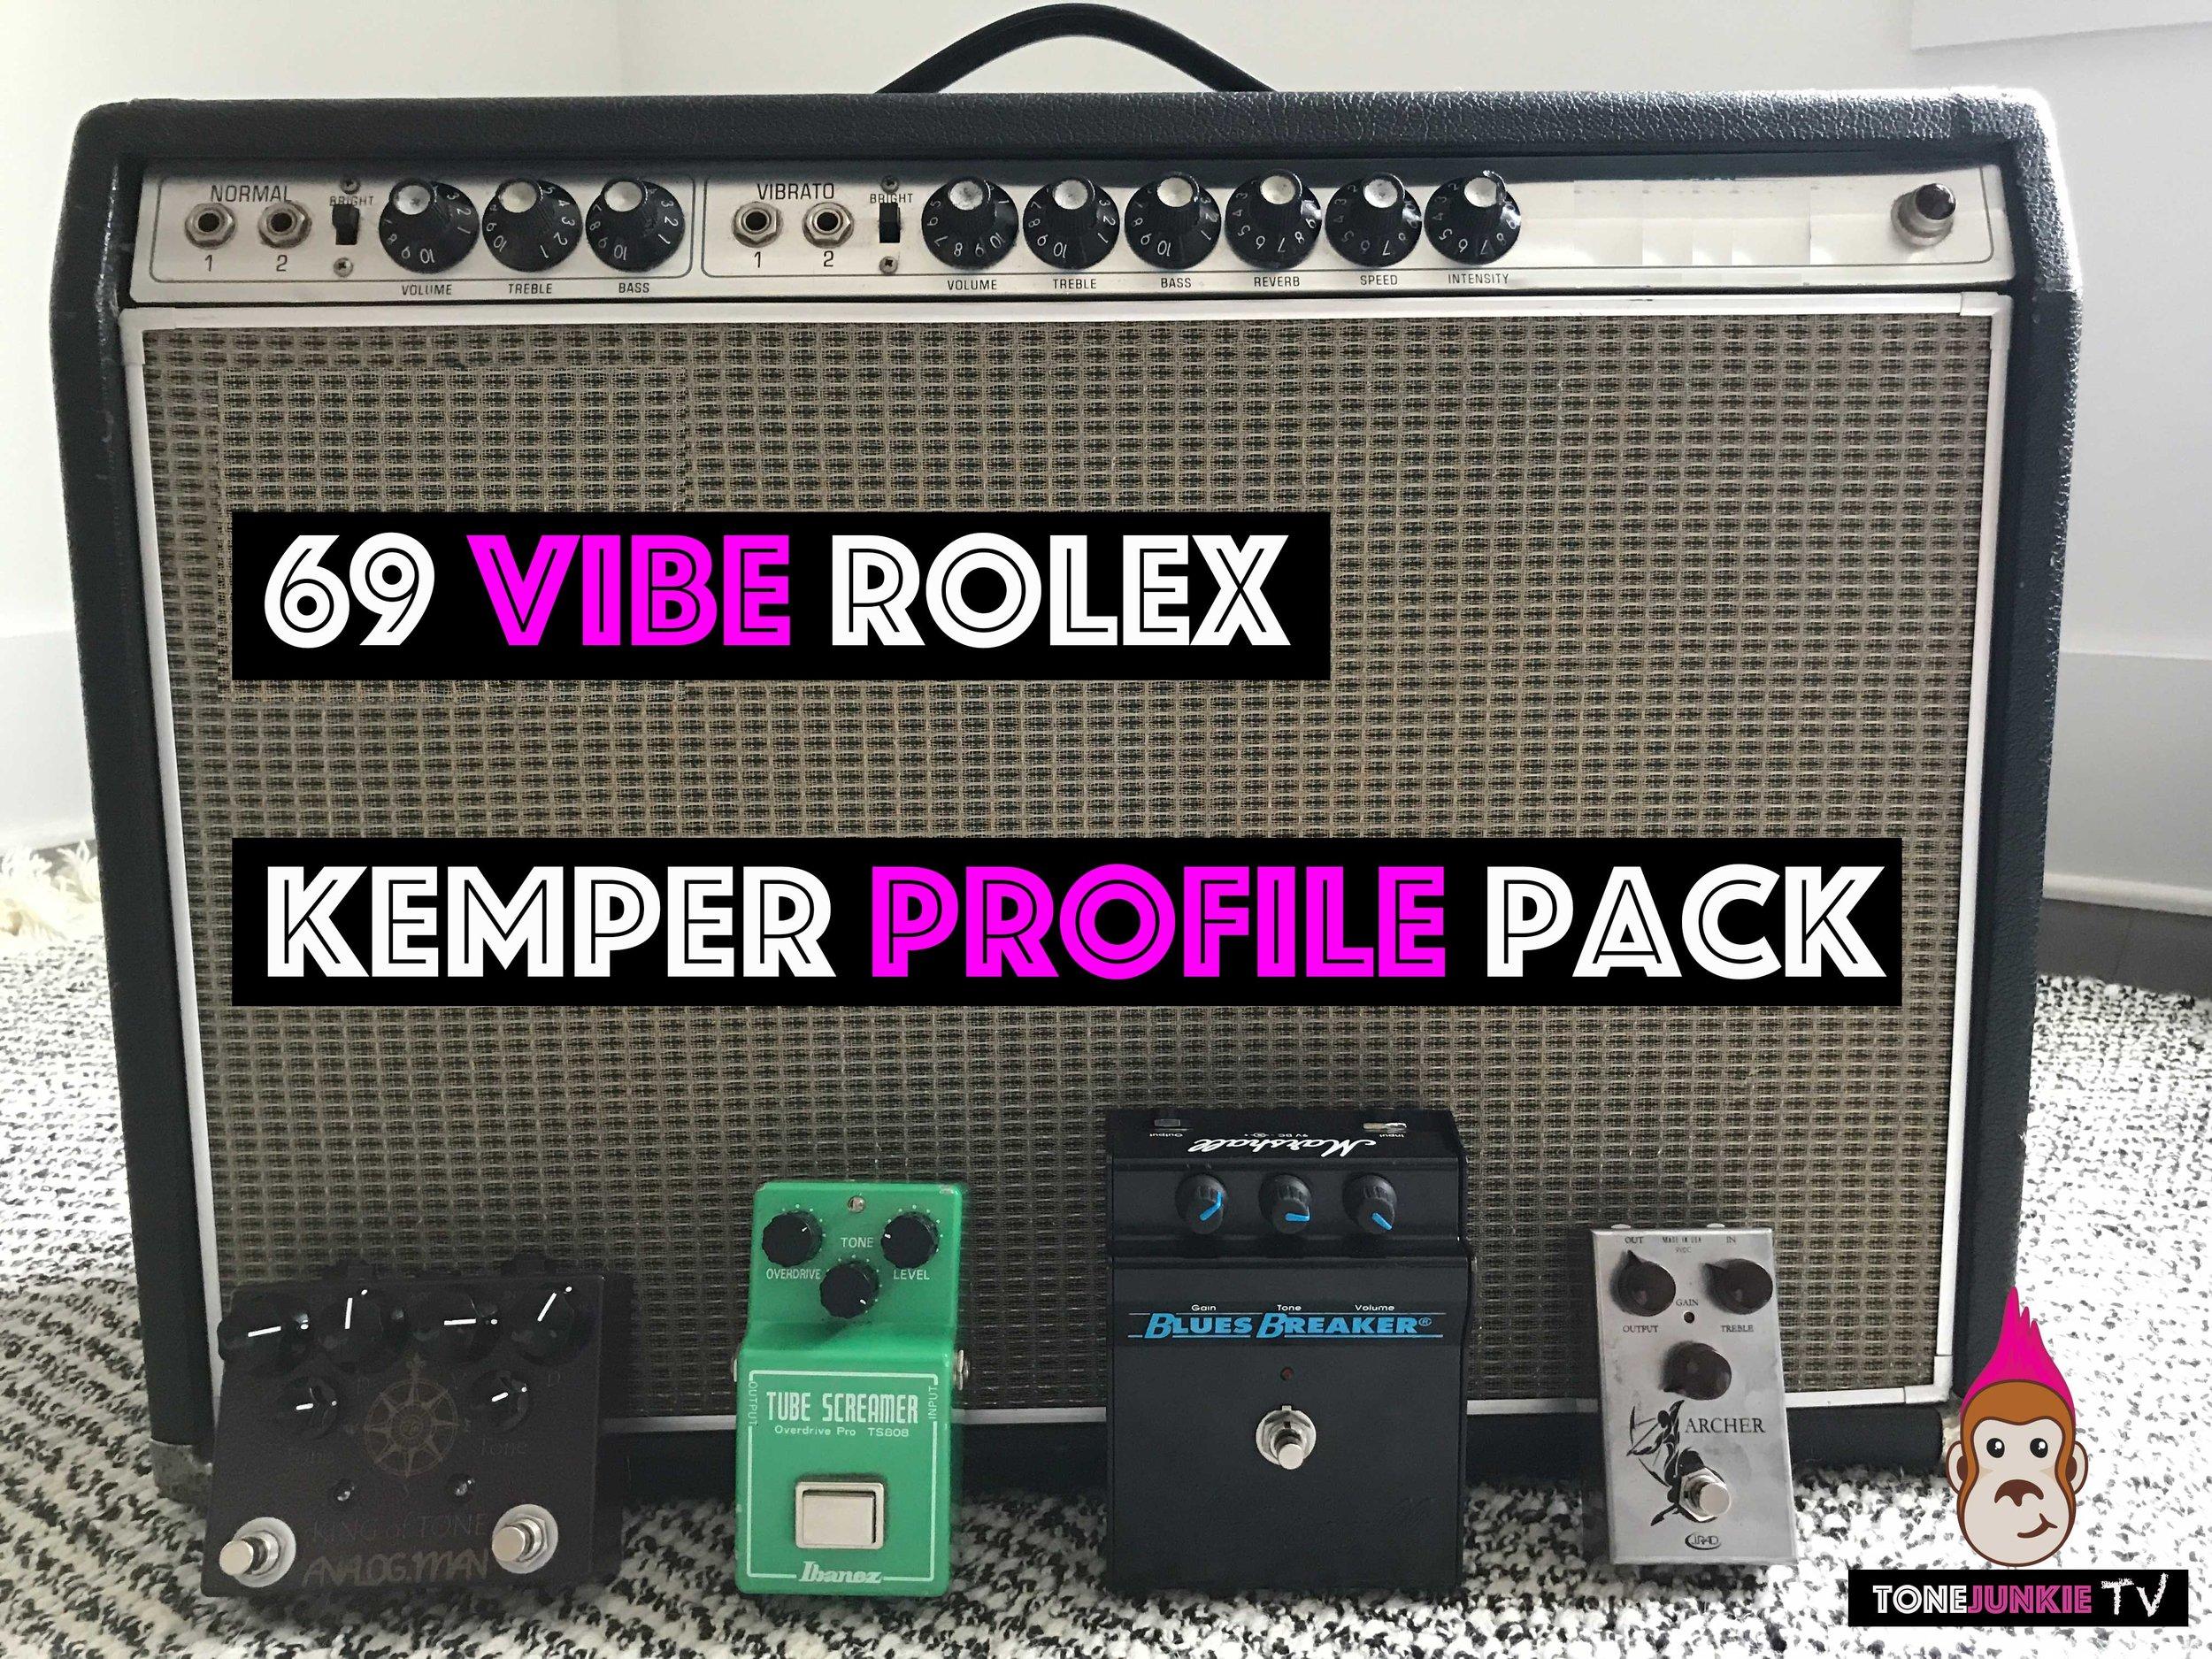 Kemper-Vibe-Rolex-Tile.jpg